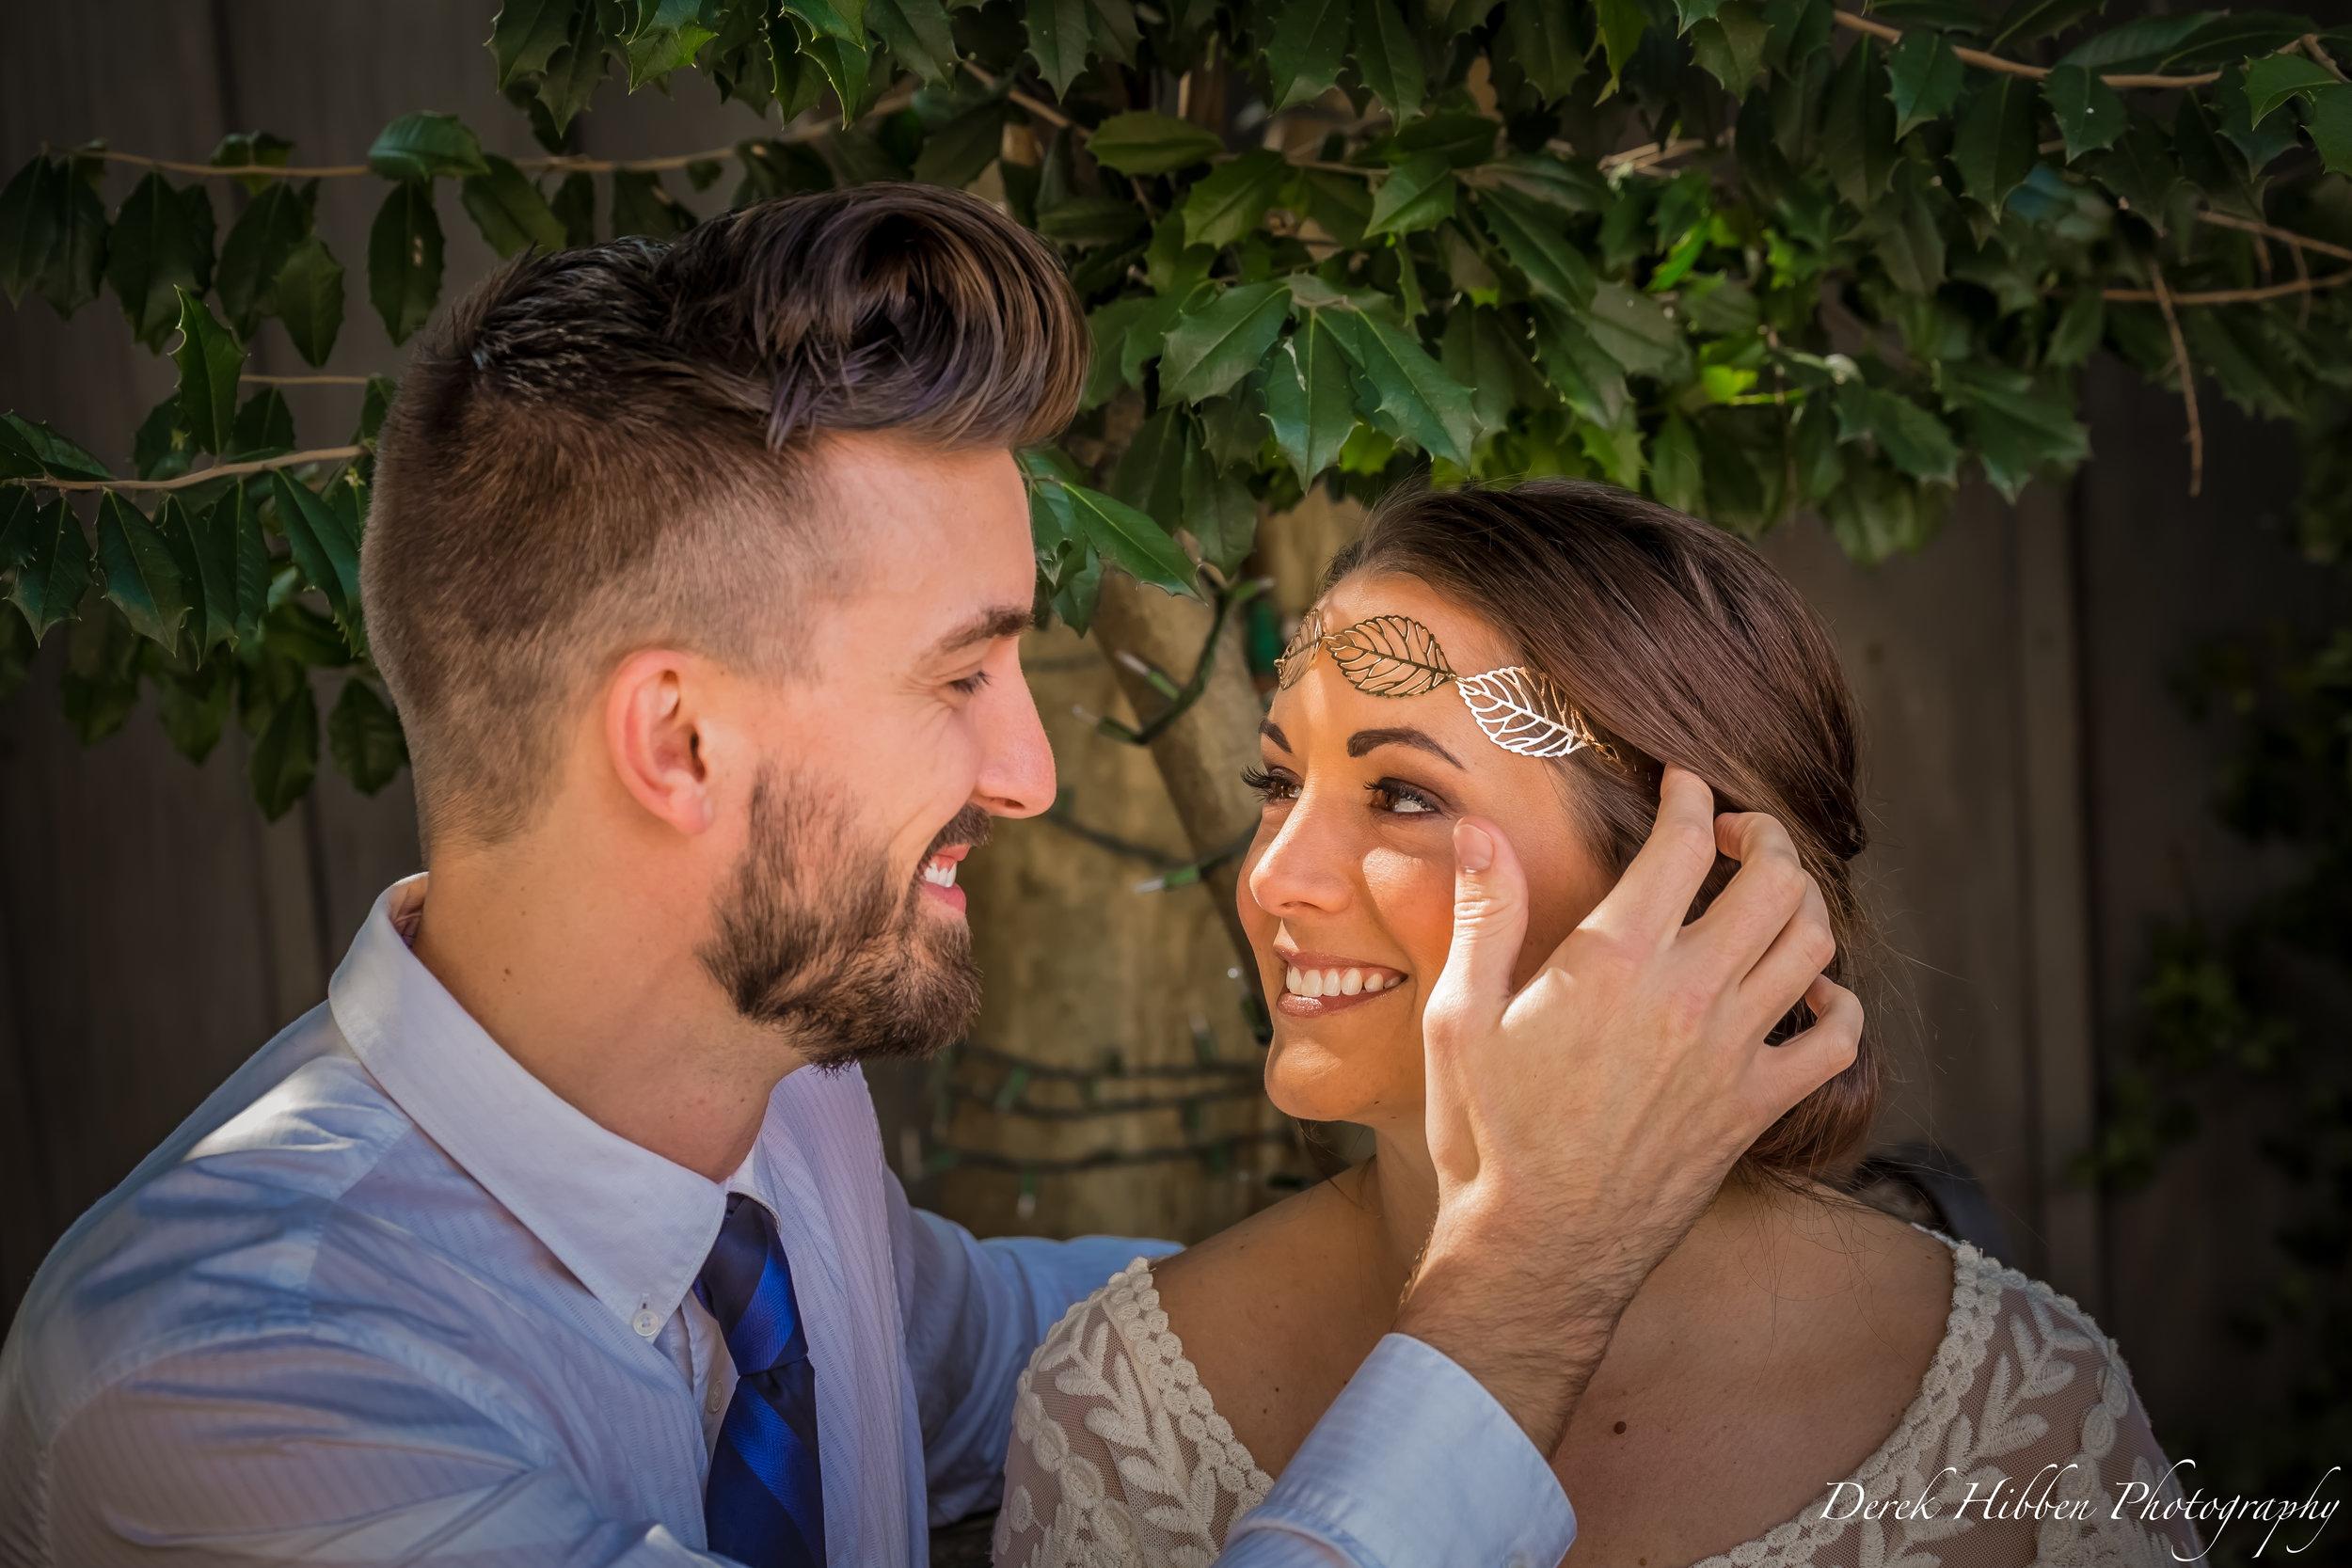 Andrew & Rachel, Photo: Derek Hibben